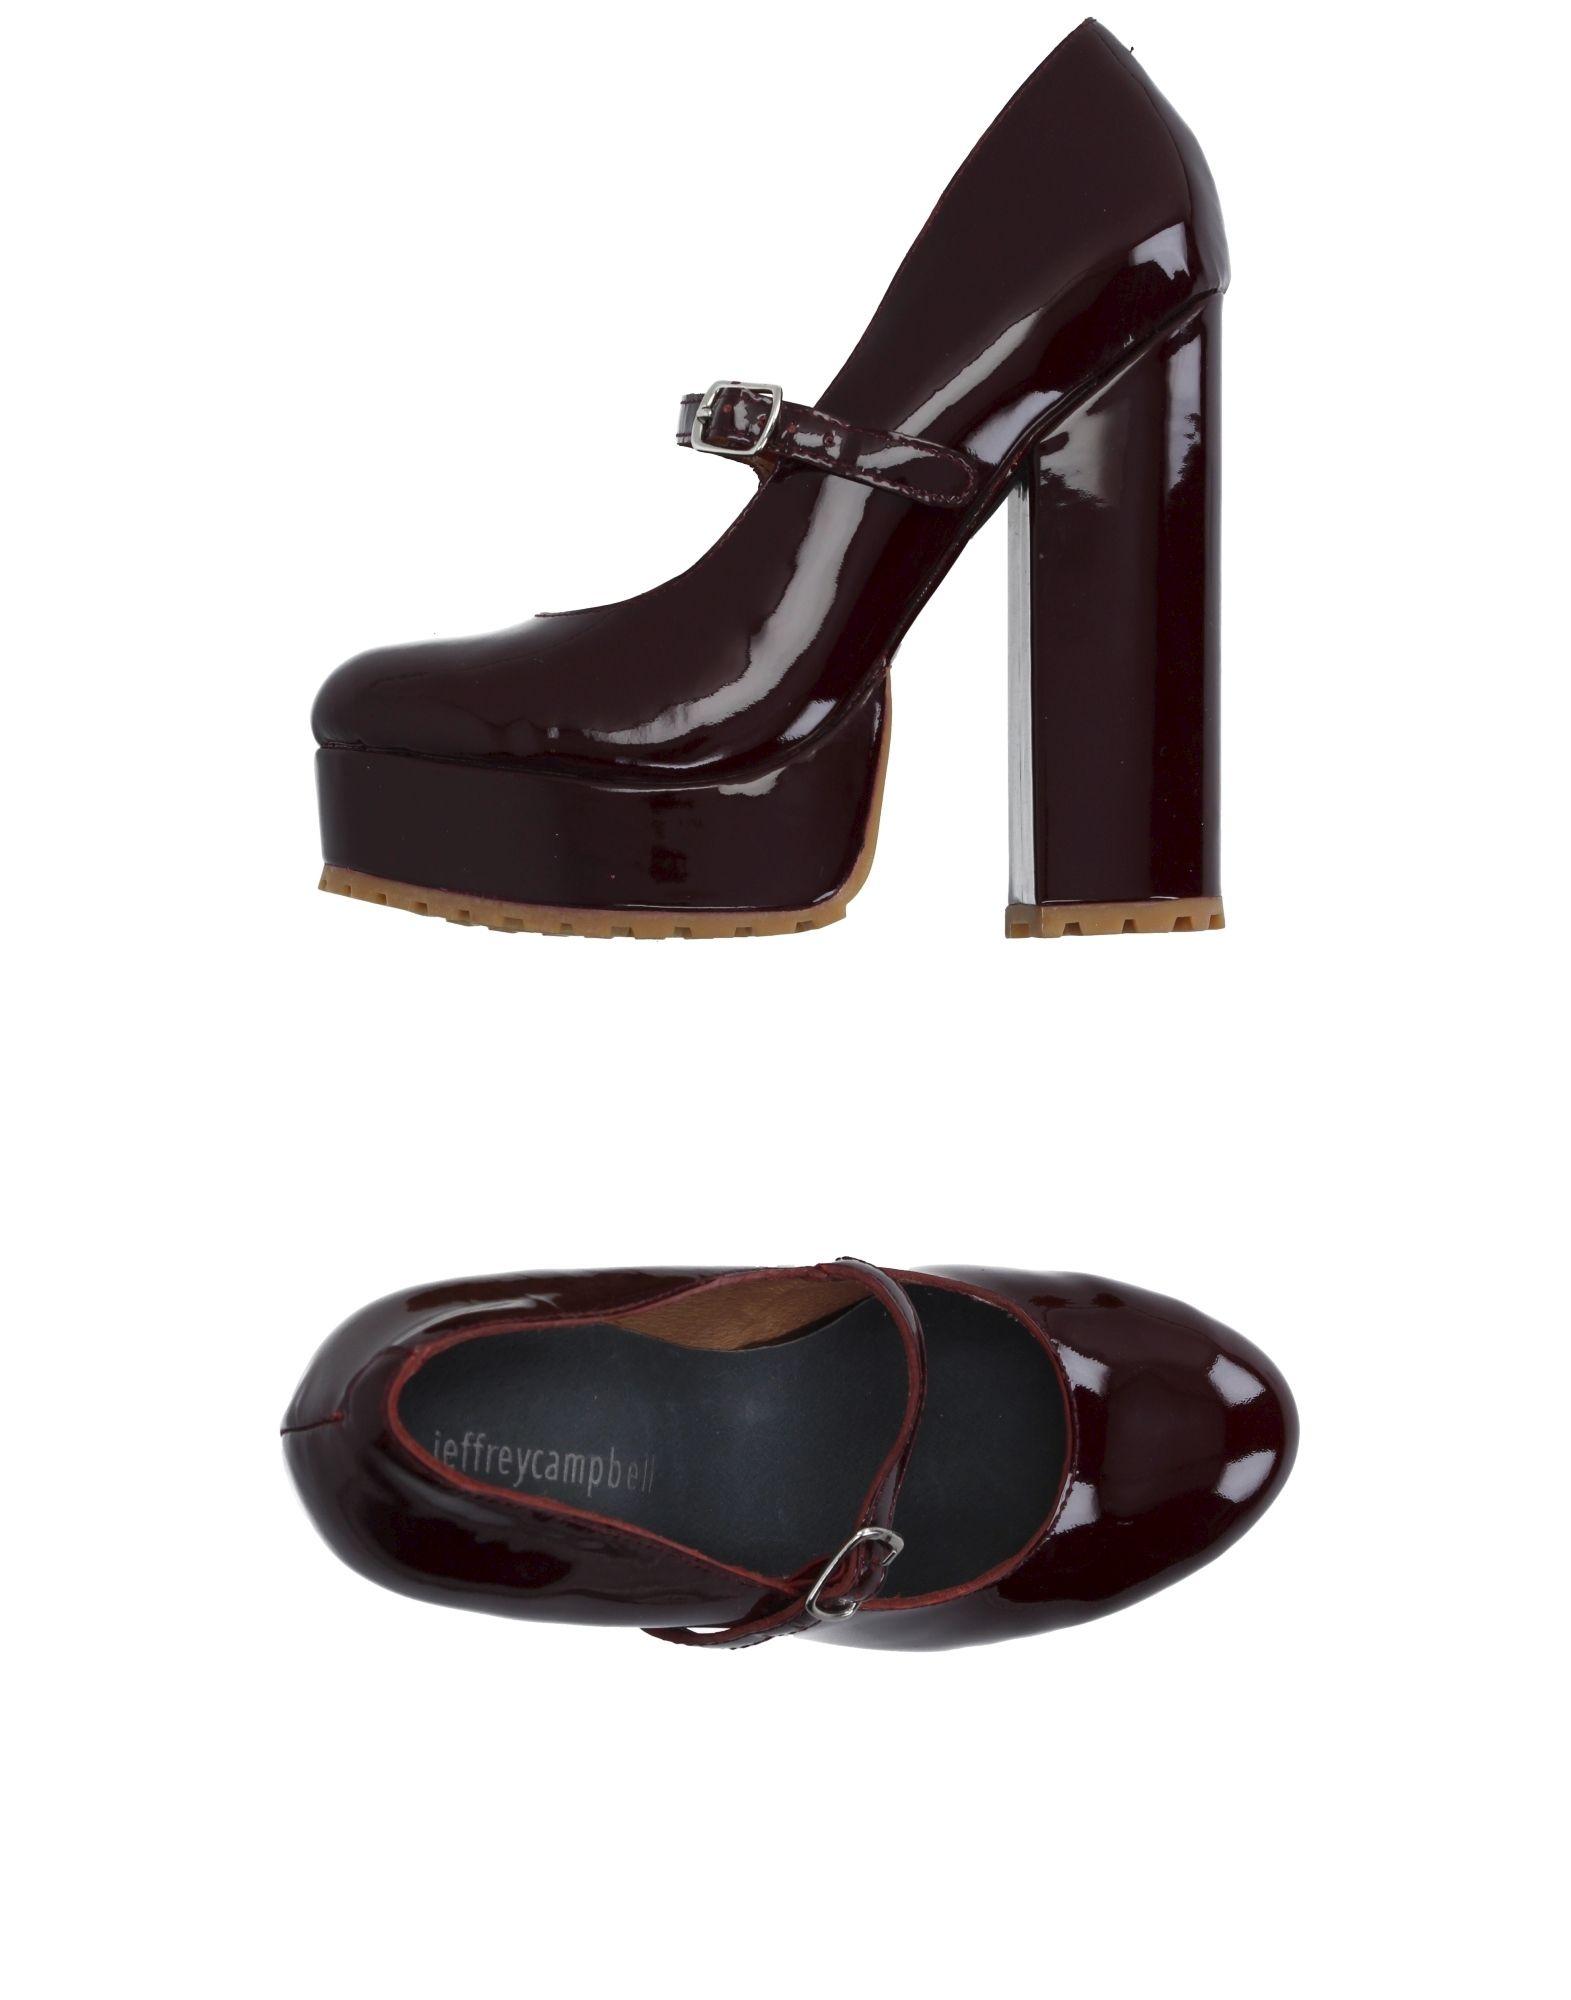 Gut um Campbell billige Schuhe zu tragenJeffrey Campbell um Pumps Damen  11017780IE 8e1d1e